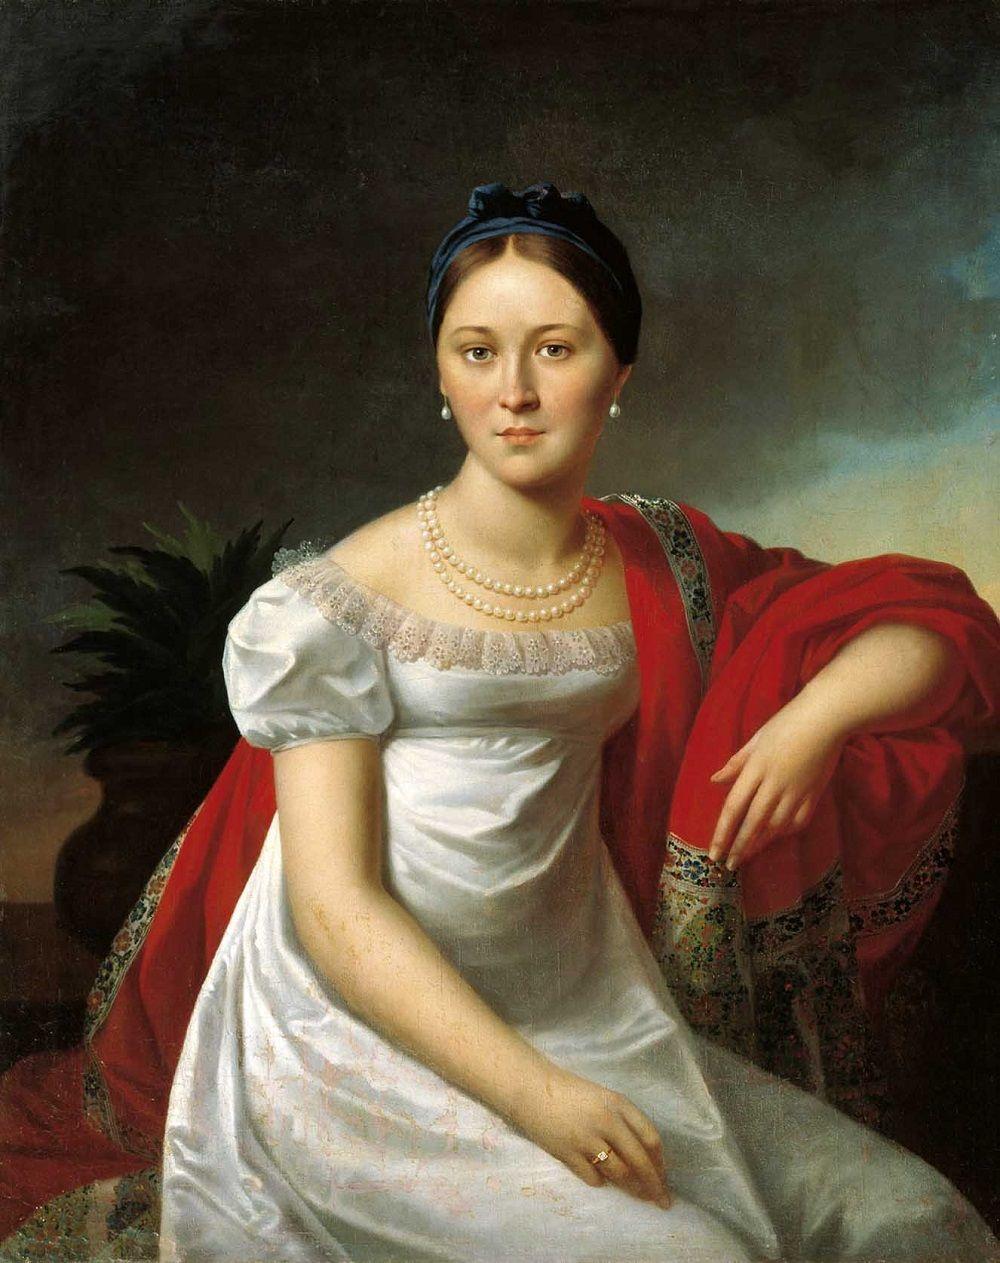 Олешкевич Иосиф Иванович [1777—1830] Портрет молодой женщины. 1810-е